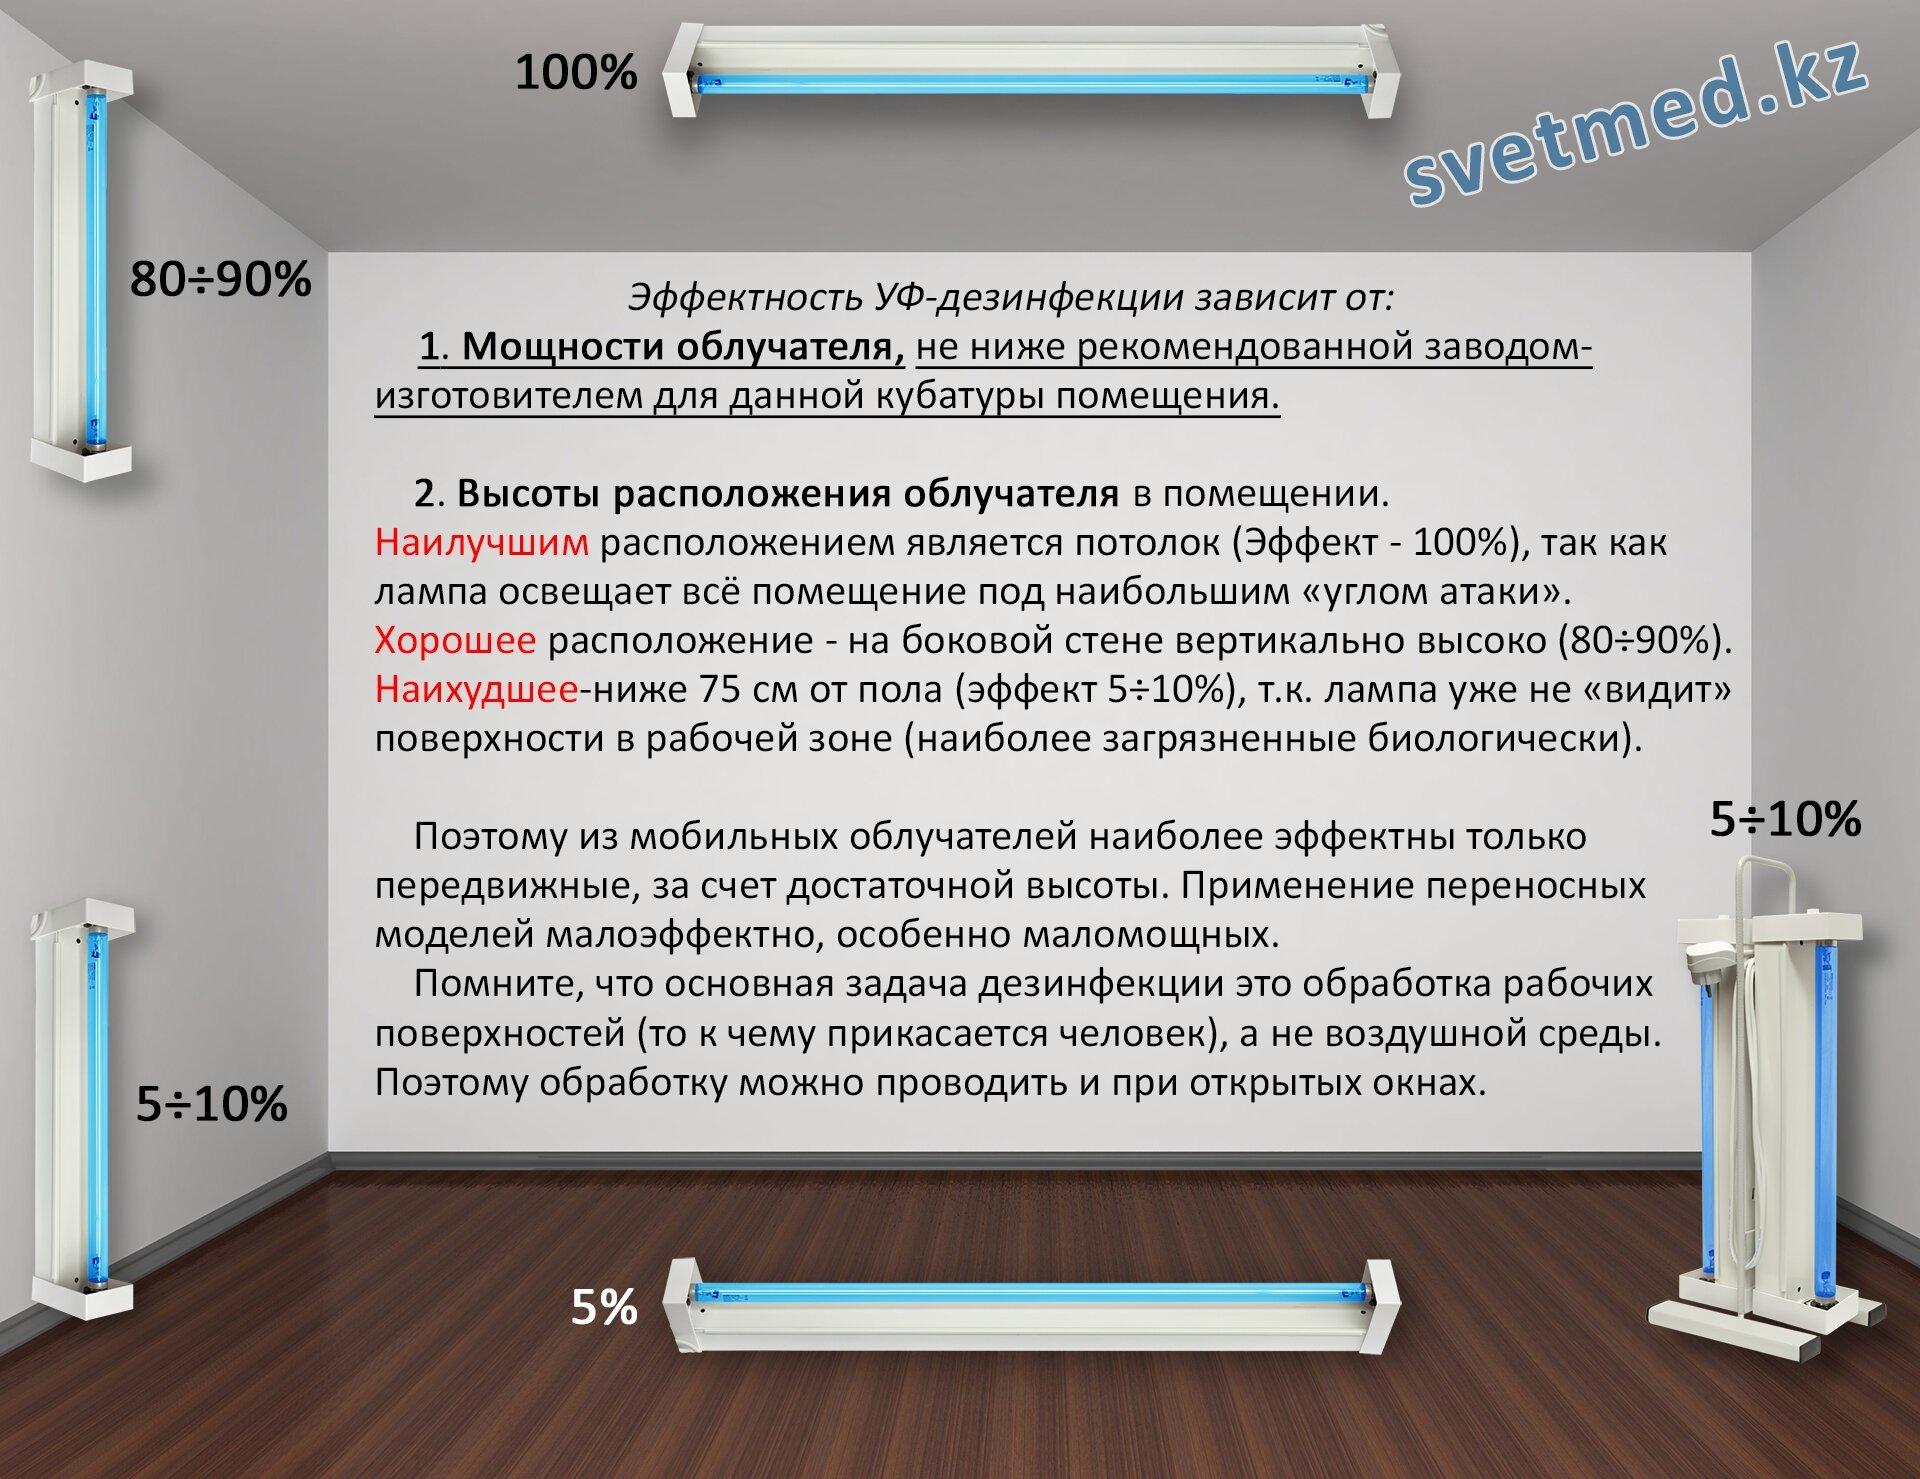 Часто задаваемые вопросы - фото Зависимость эффекта дезинфекции от высоты расположения облучателя.jpg